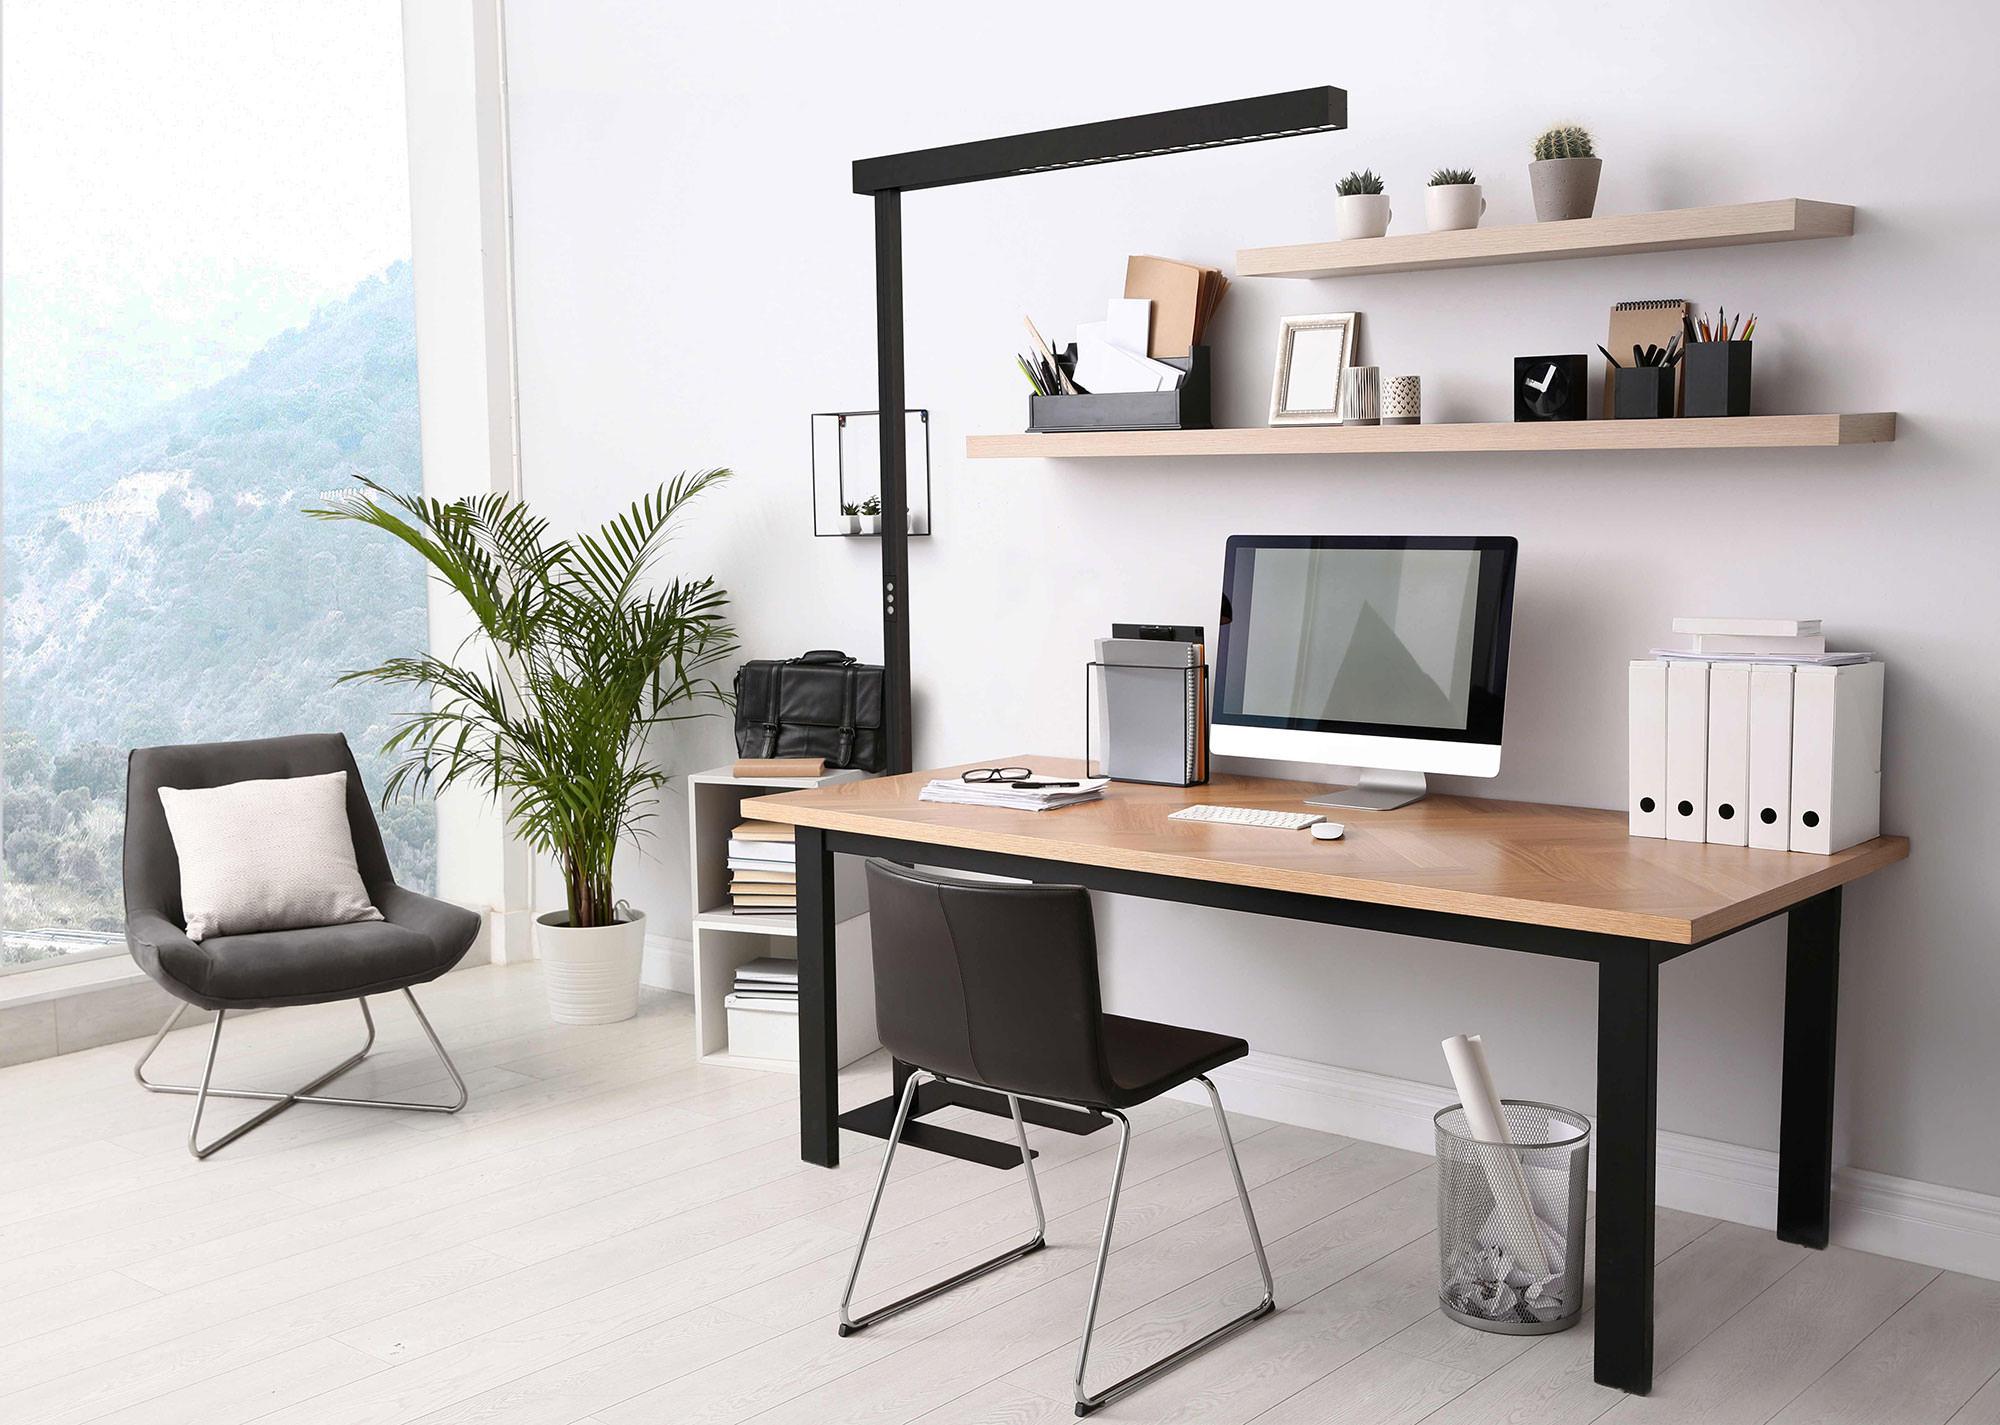 iMexx Free HomeOffice - Stehleuchte